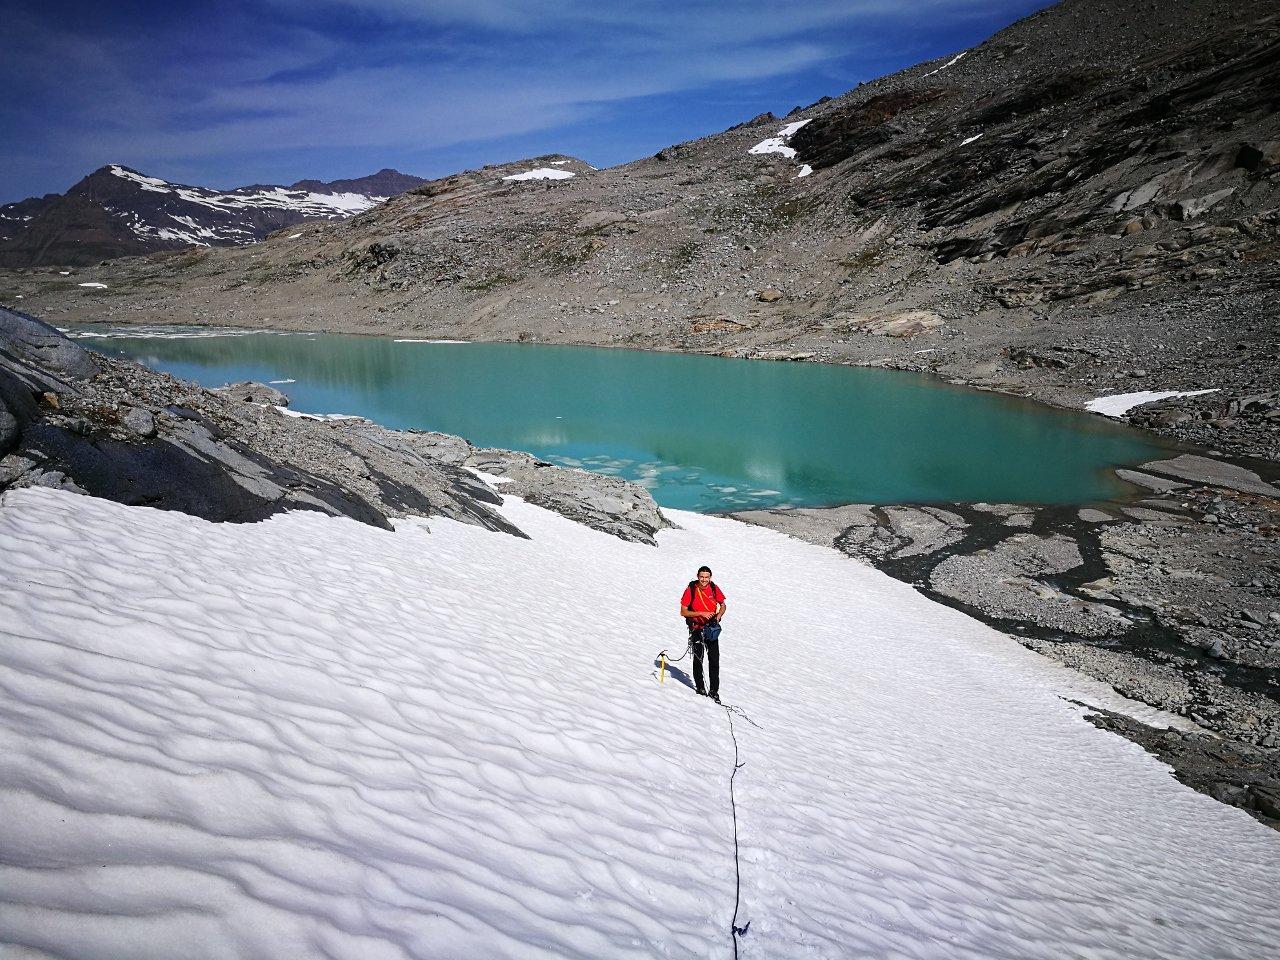 04 - attacco ghiacciaio dal fondo del lago